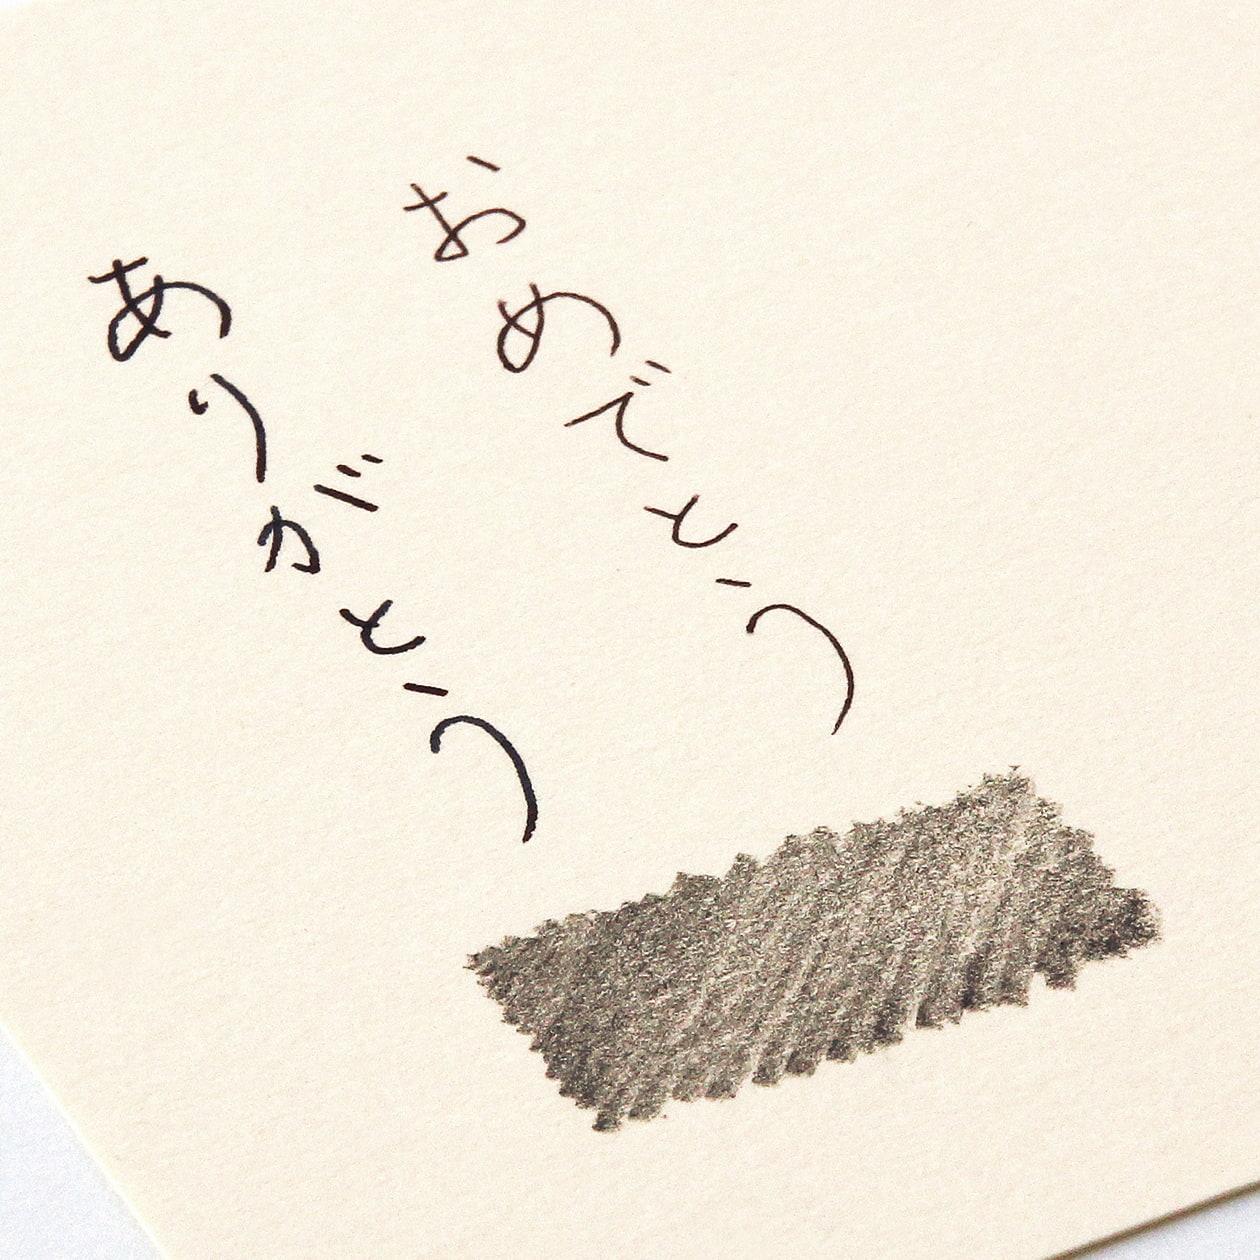 No.57ボーダード Pカード ゴールド 232.8g